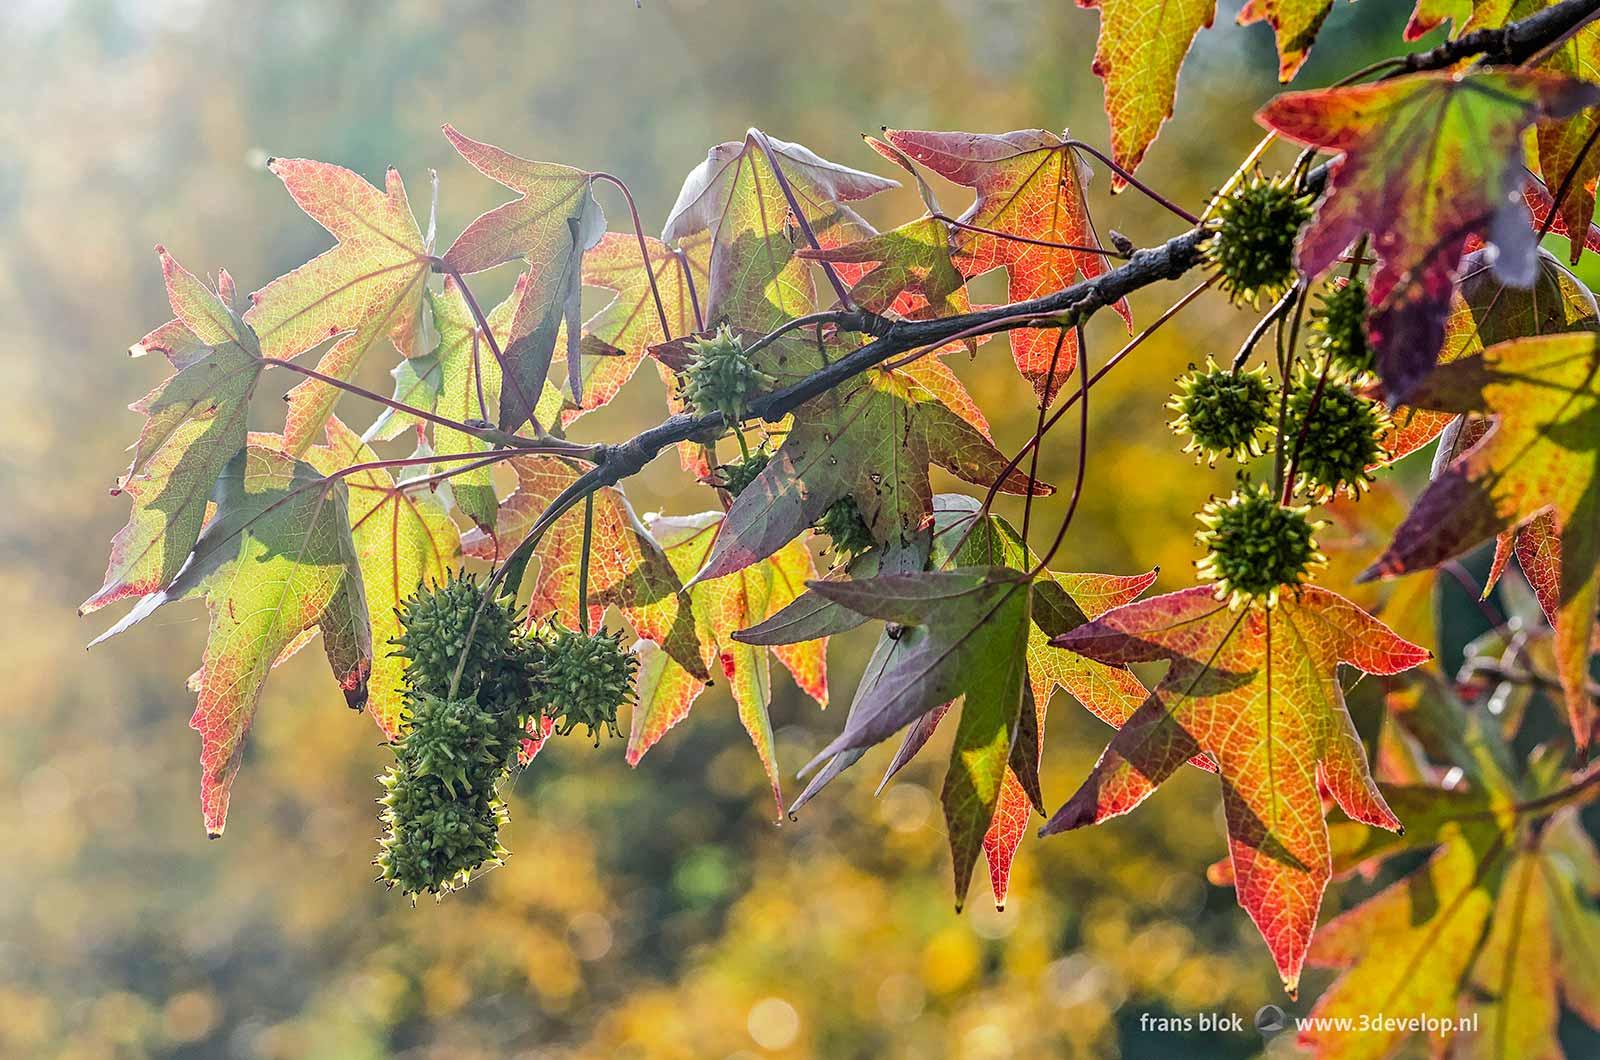 Sprookjesachtig beeld van de bladeren en vruchten van een amberboom (liquidambar styraciflua) in de herfst